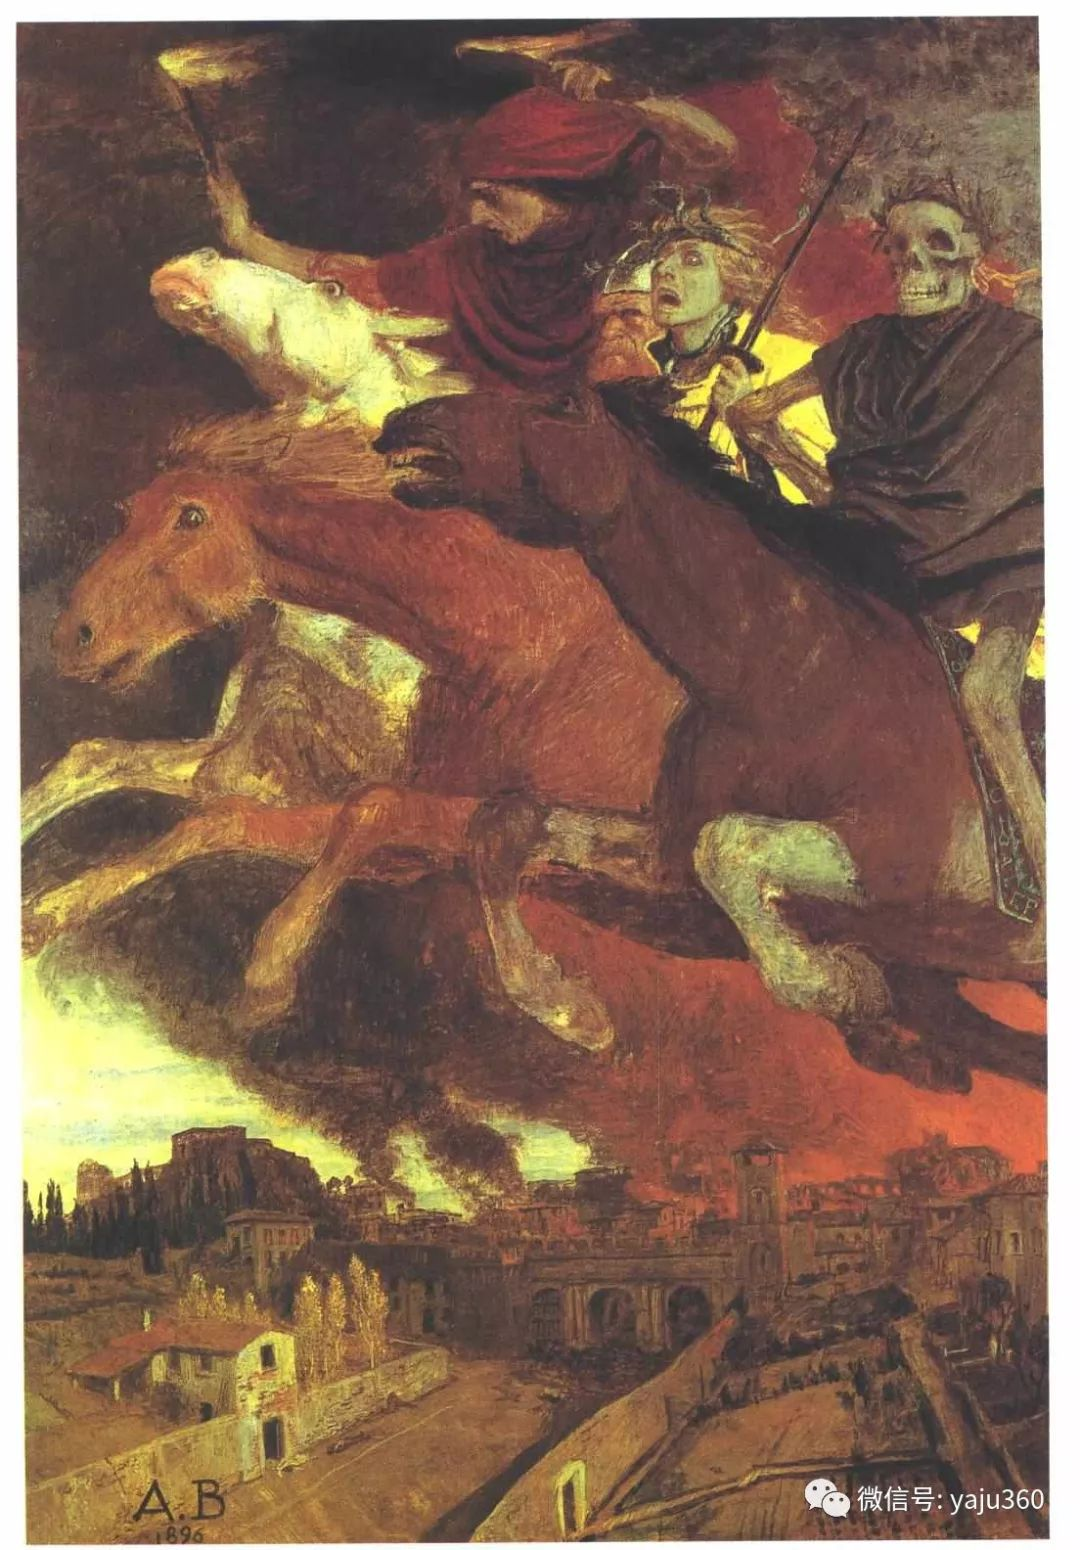 象征主义 瑞士画家Arnold bocklin插图40